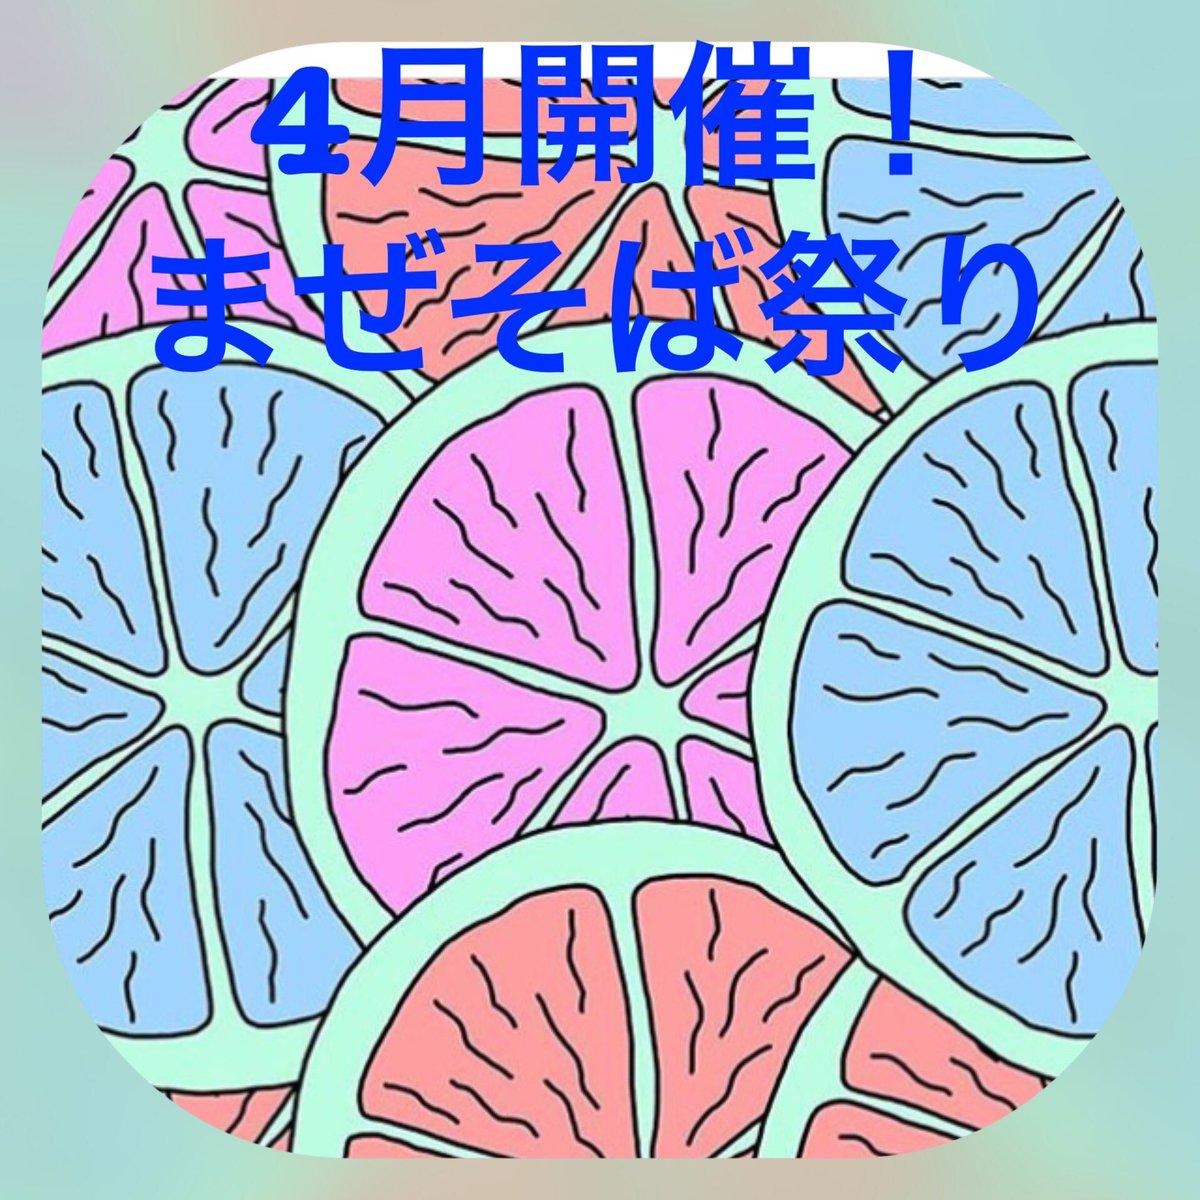 http://pbs.twimg.com/media/C7h1eIEUwAA4d3u.jpg